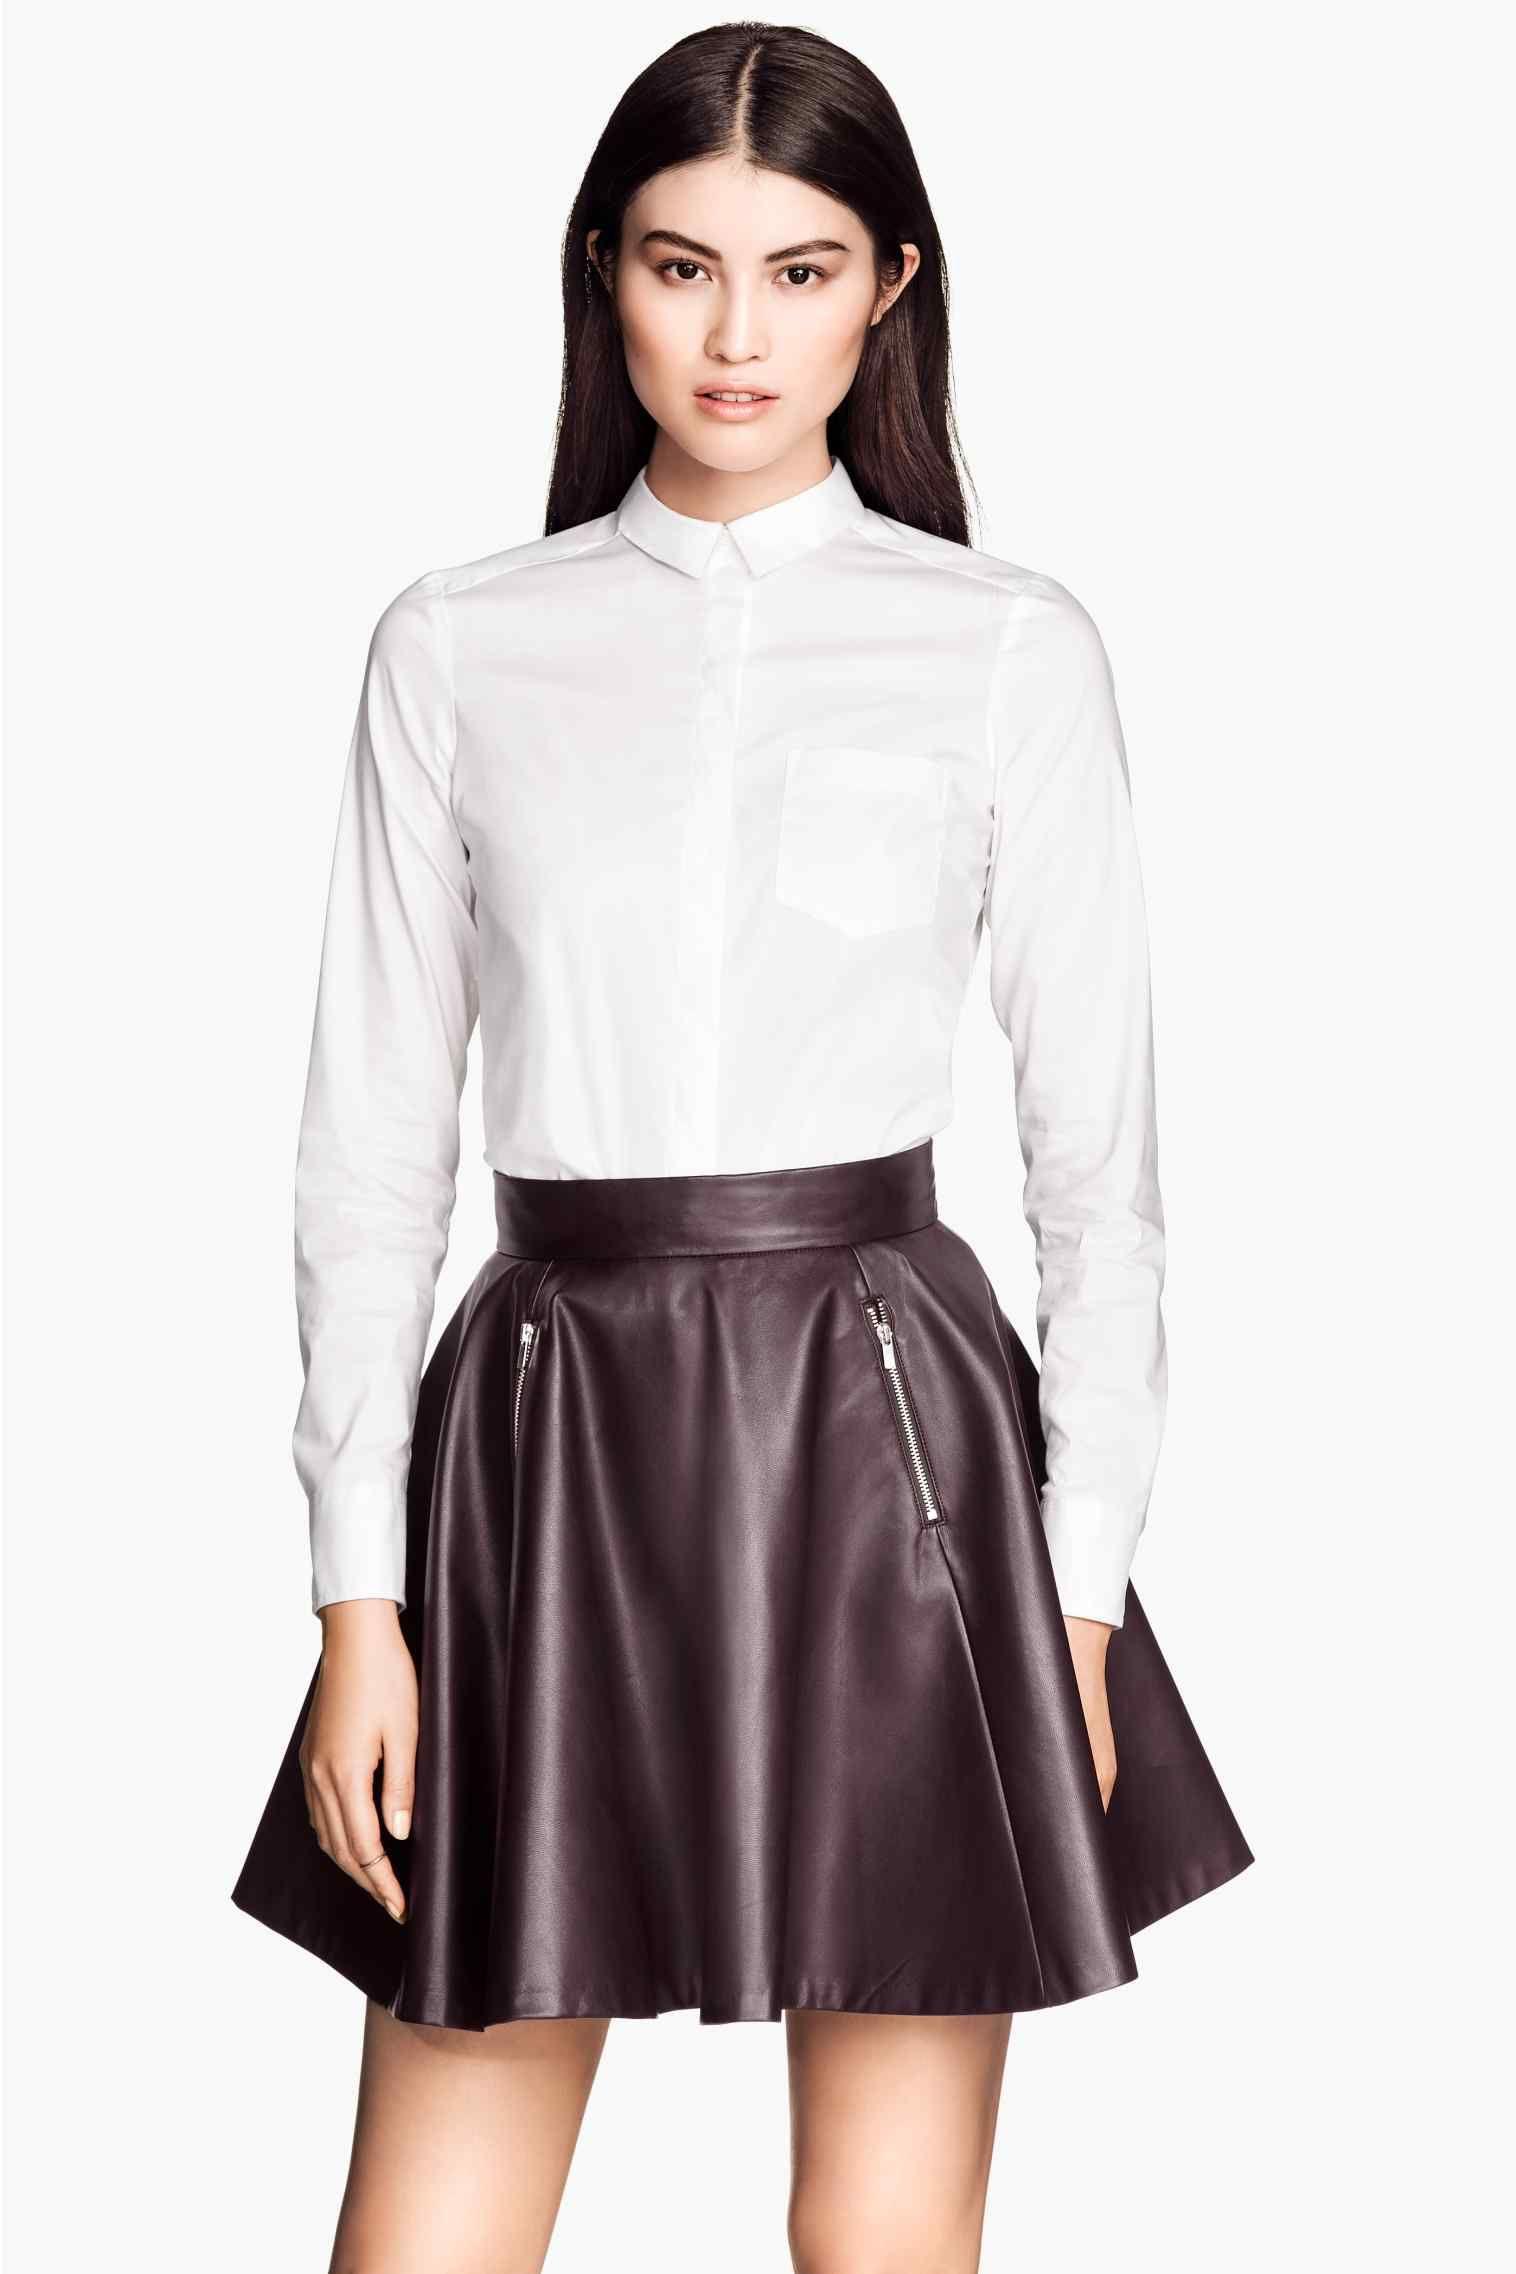 913ba5129 Circular skirt | H&M | PRENDA | Faldas, Falda h&m y Falda con vuelo